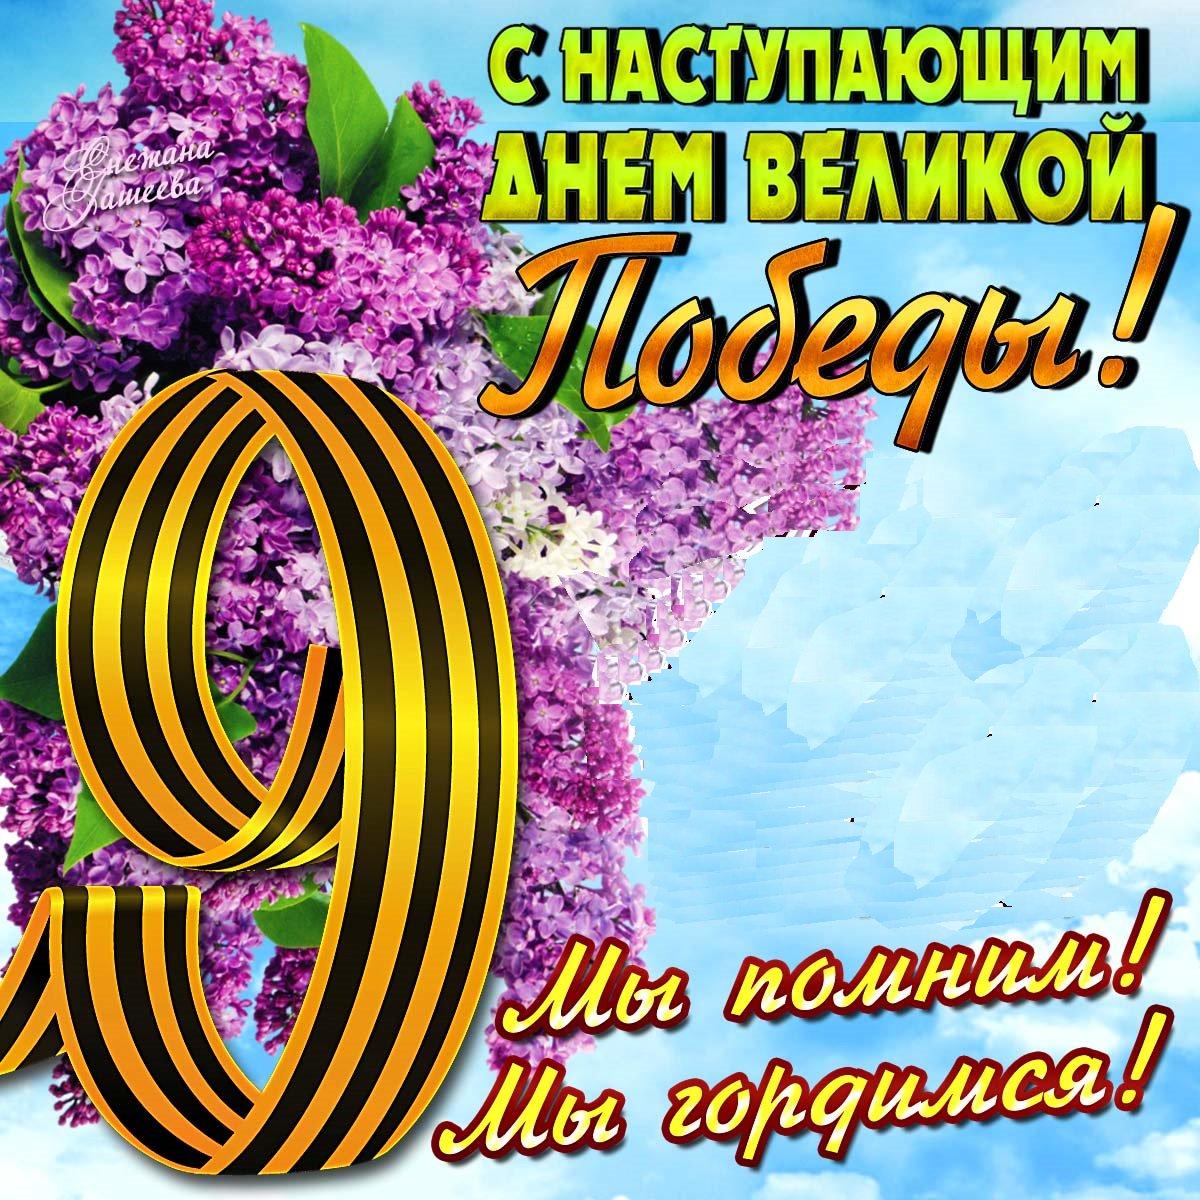 Поздравление с днем рождения в день победы